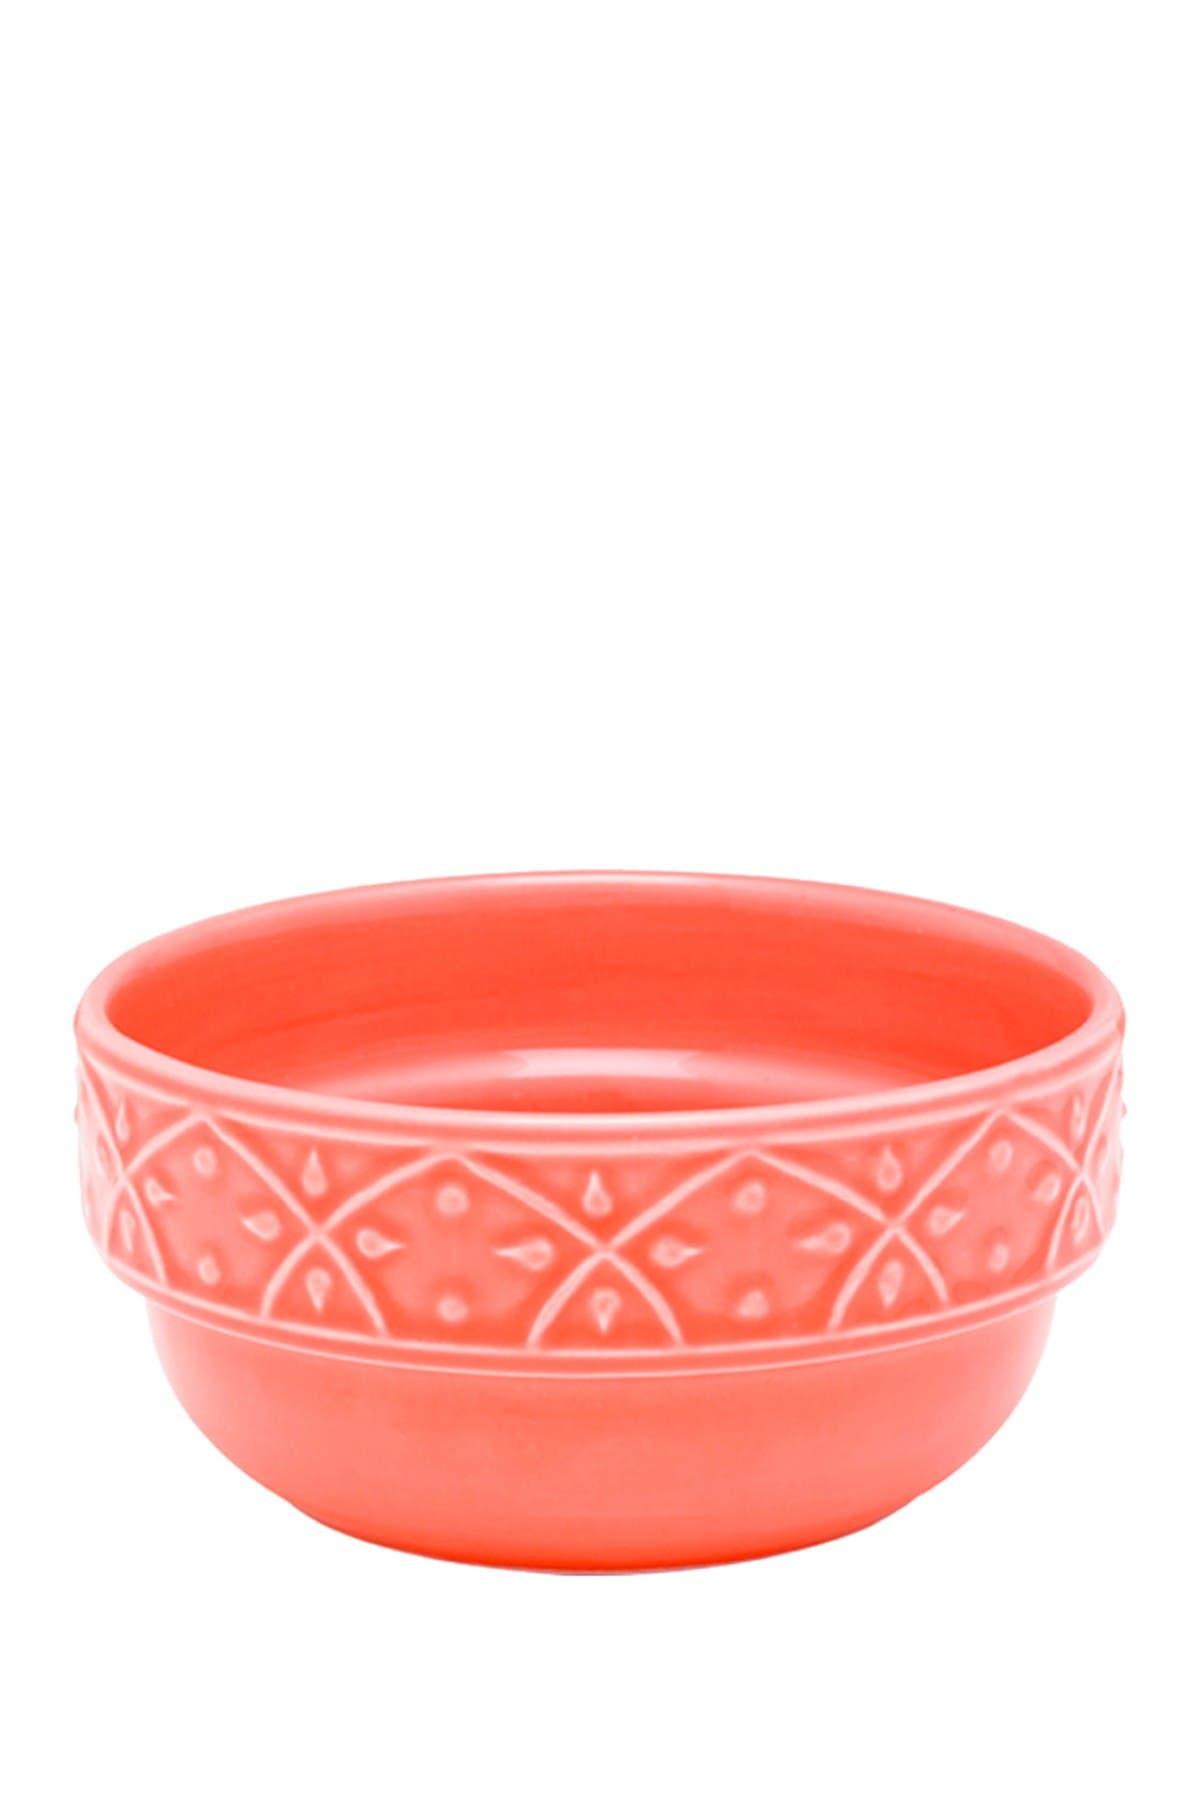 Image of Manhattan Comfort Mendi 6 Large 16.91 oz. Dinner Soup Bowls - Coral